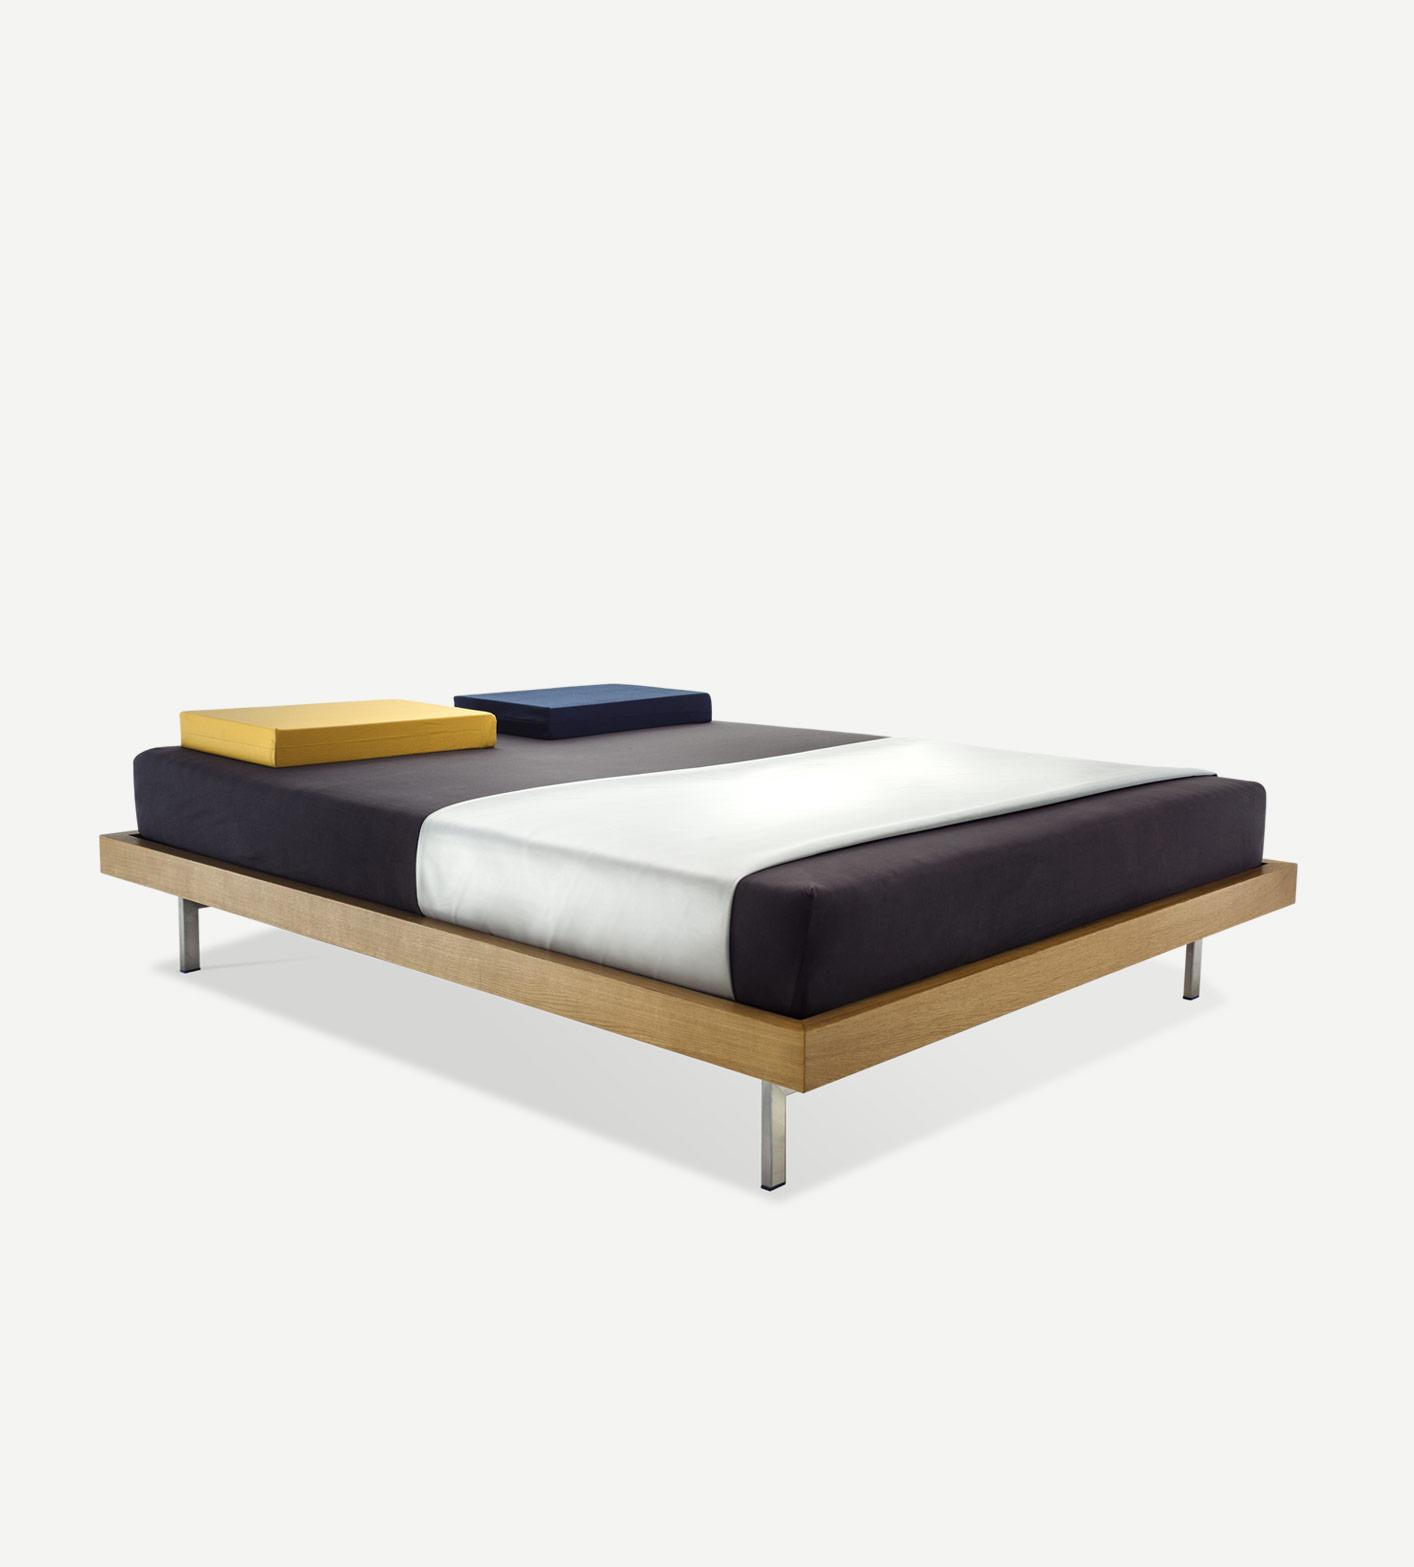 Technische Zeichnung Bett bett typ 1 tagesbett oder doppelbett massivholzrahmen aus eiche